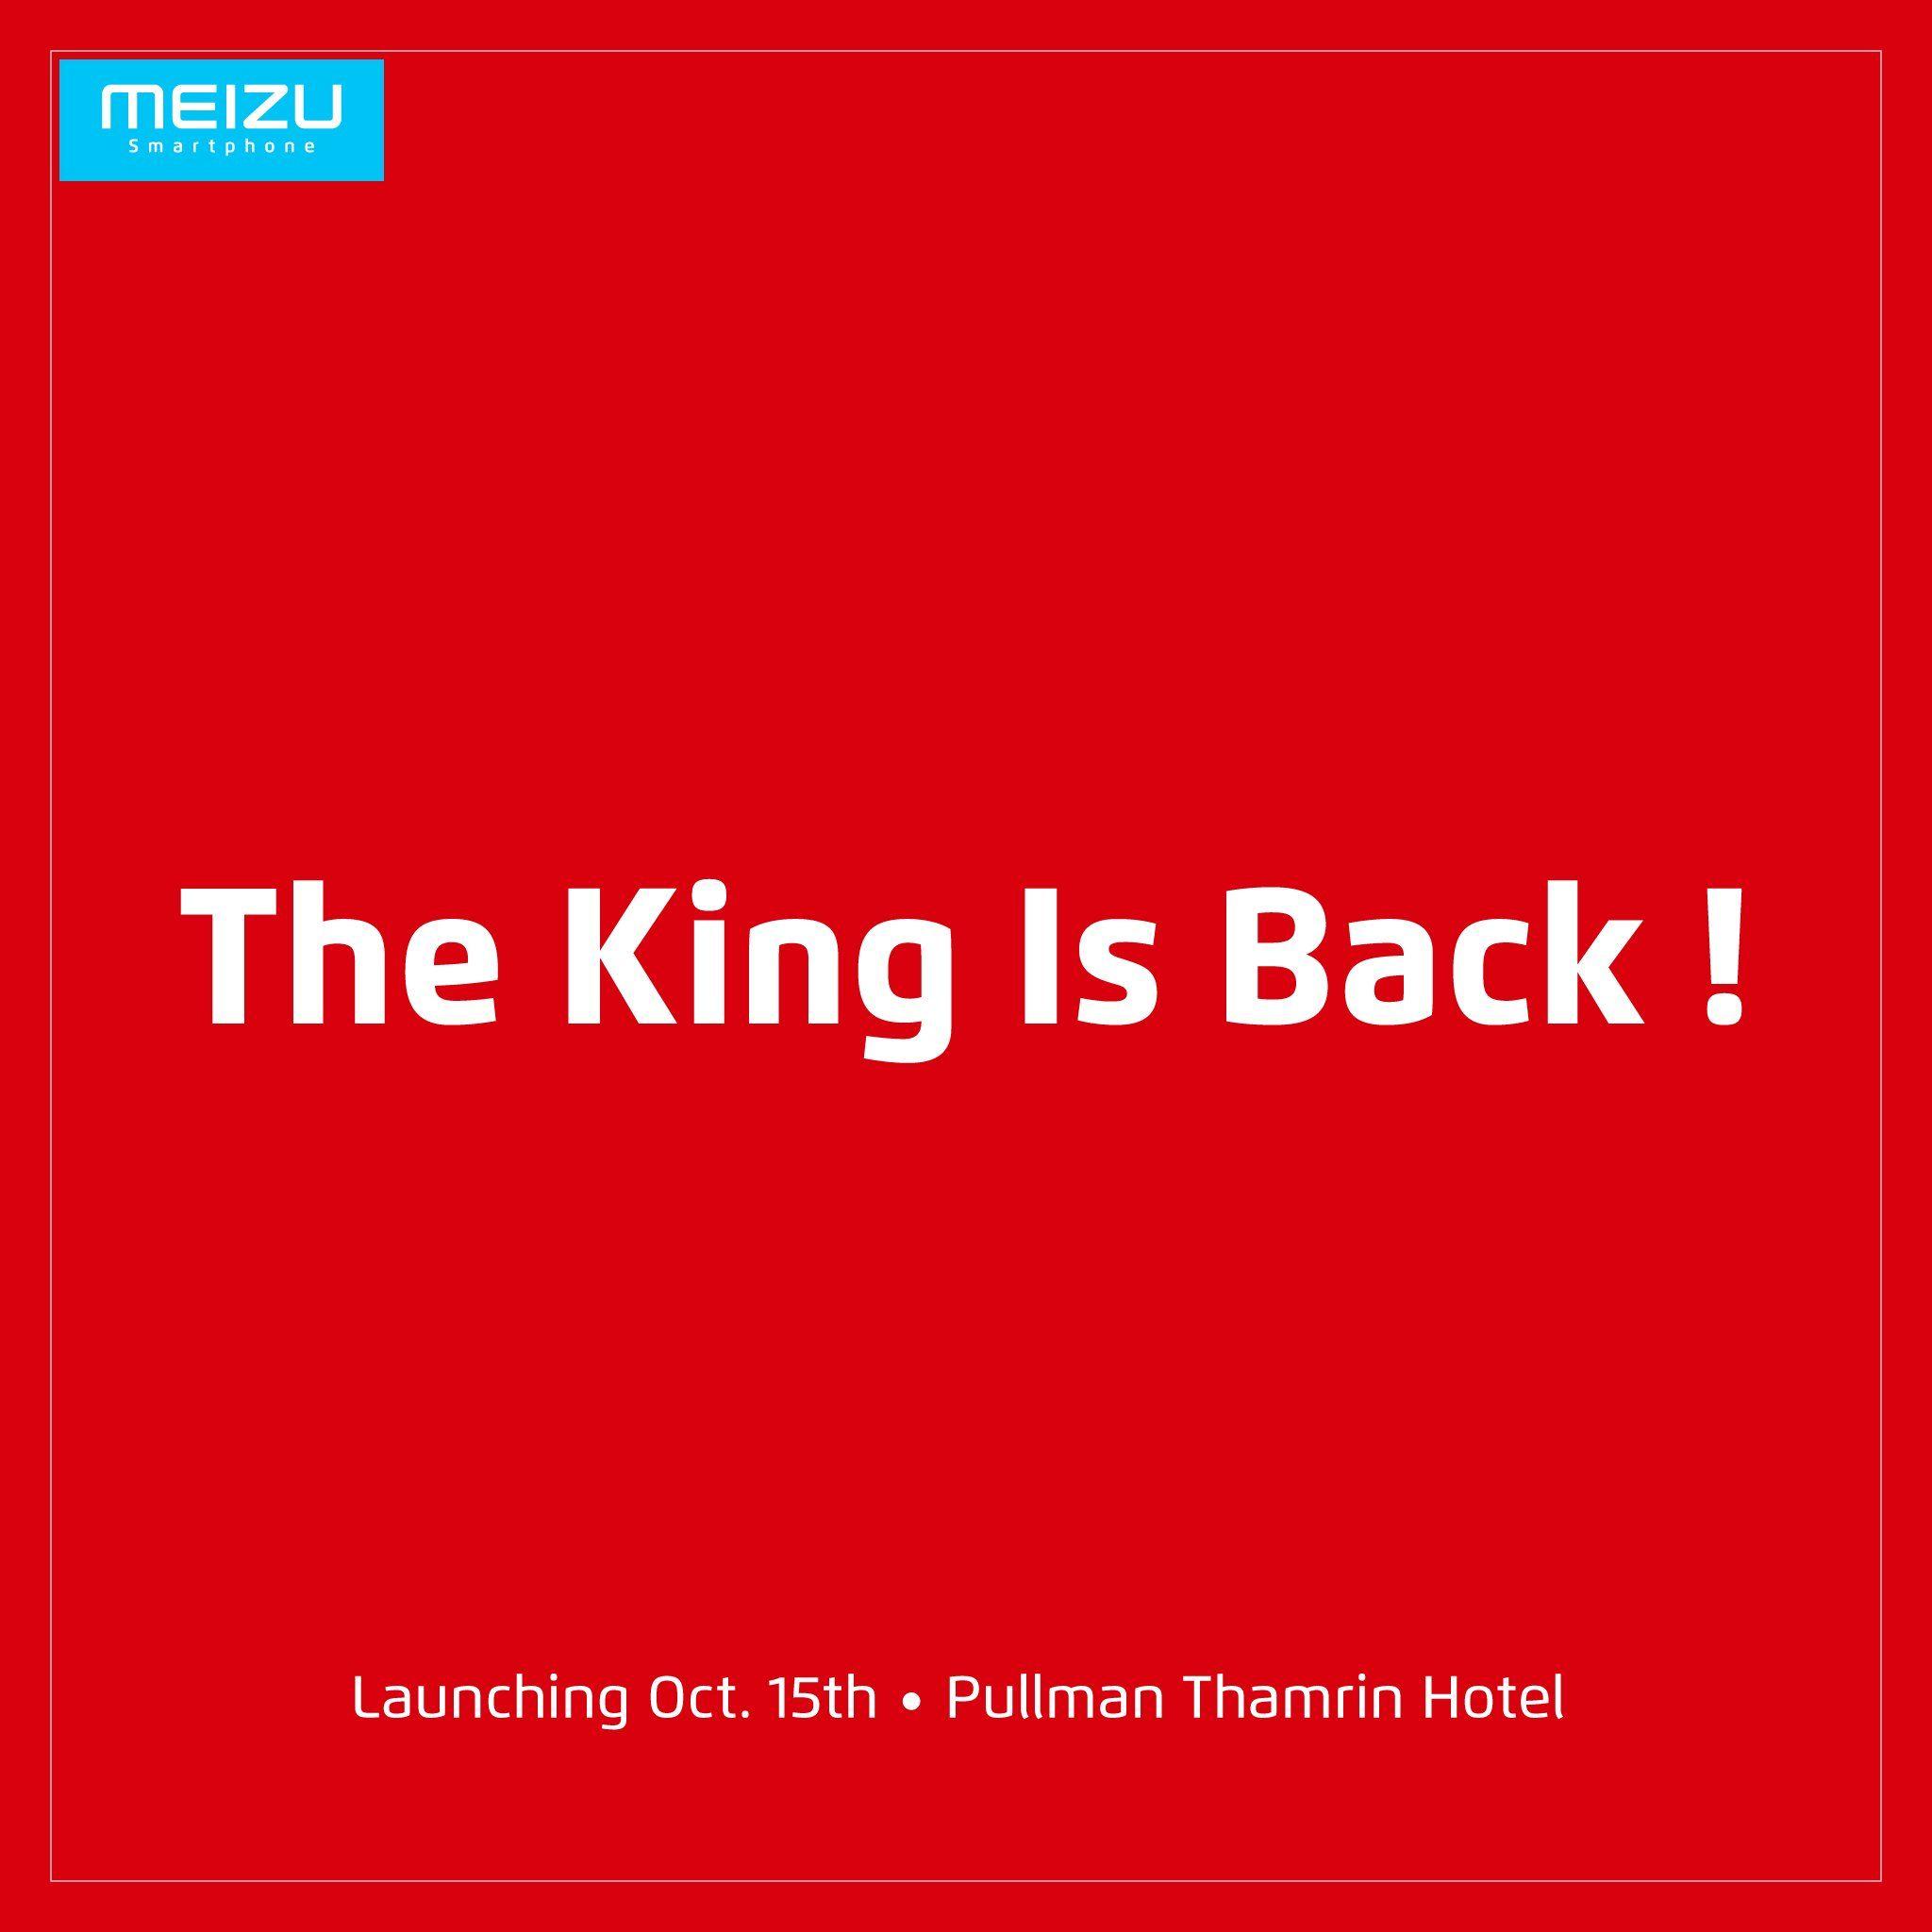 インドネシアで10月15日に新製品発表会を開催。Meizu 16シリーズを発表予定